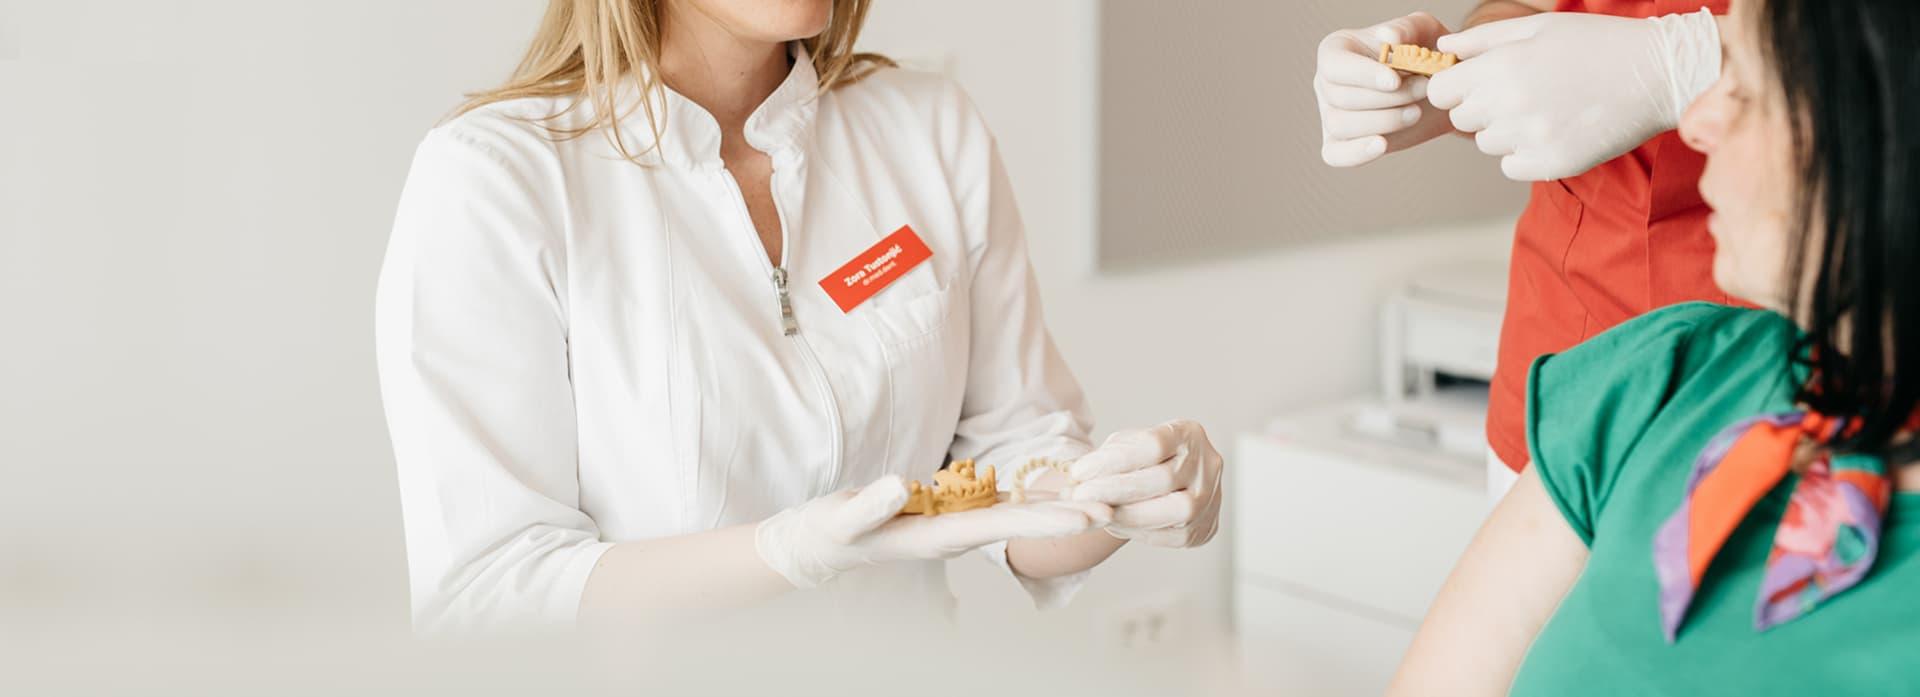 Zubna proteza | Zubna protetika | Štimac Centar dentalne medicine